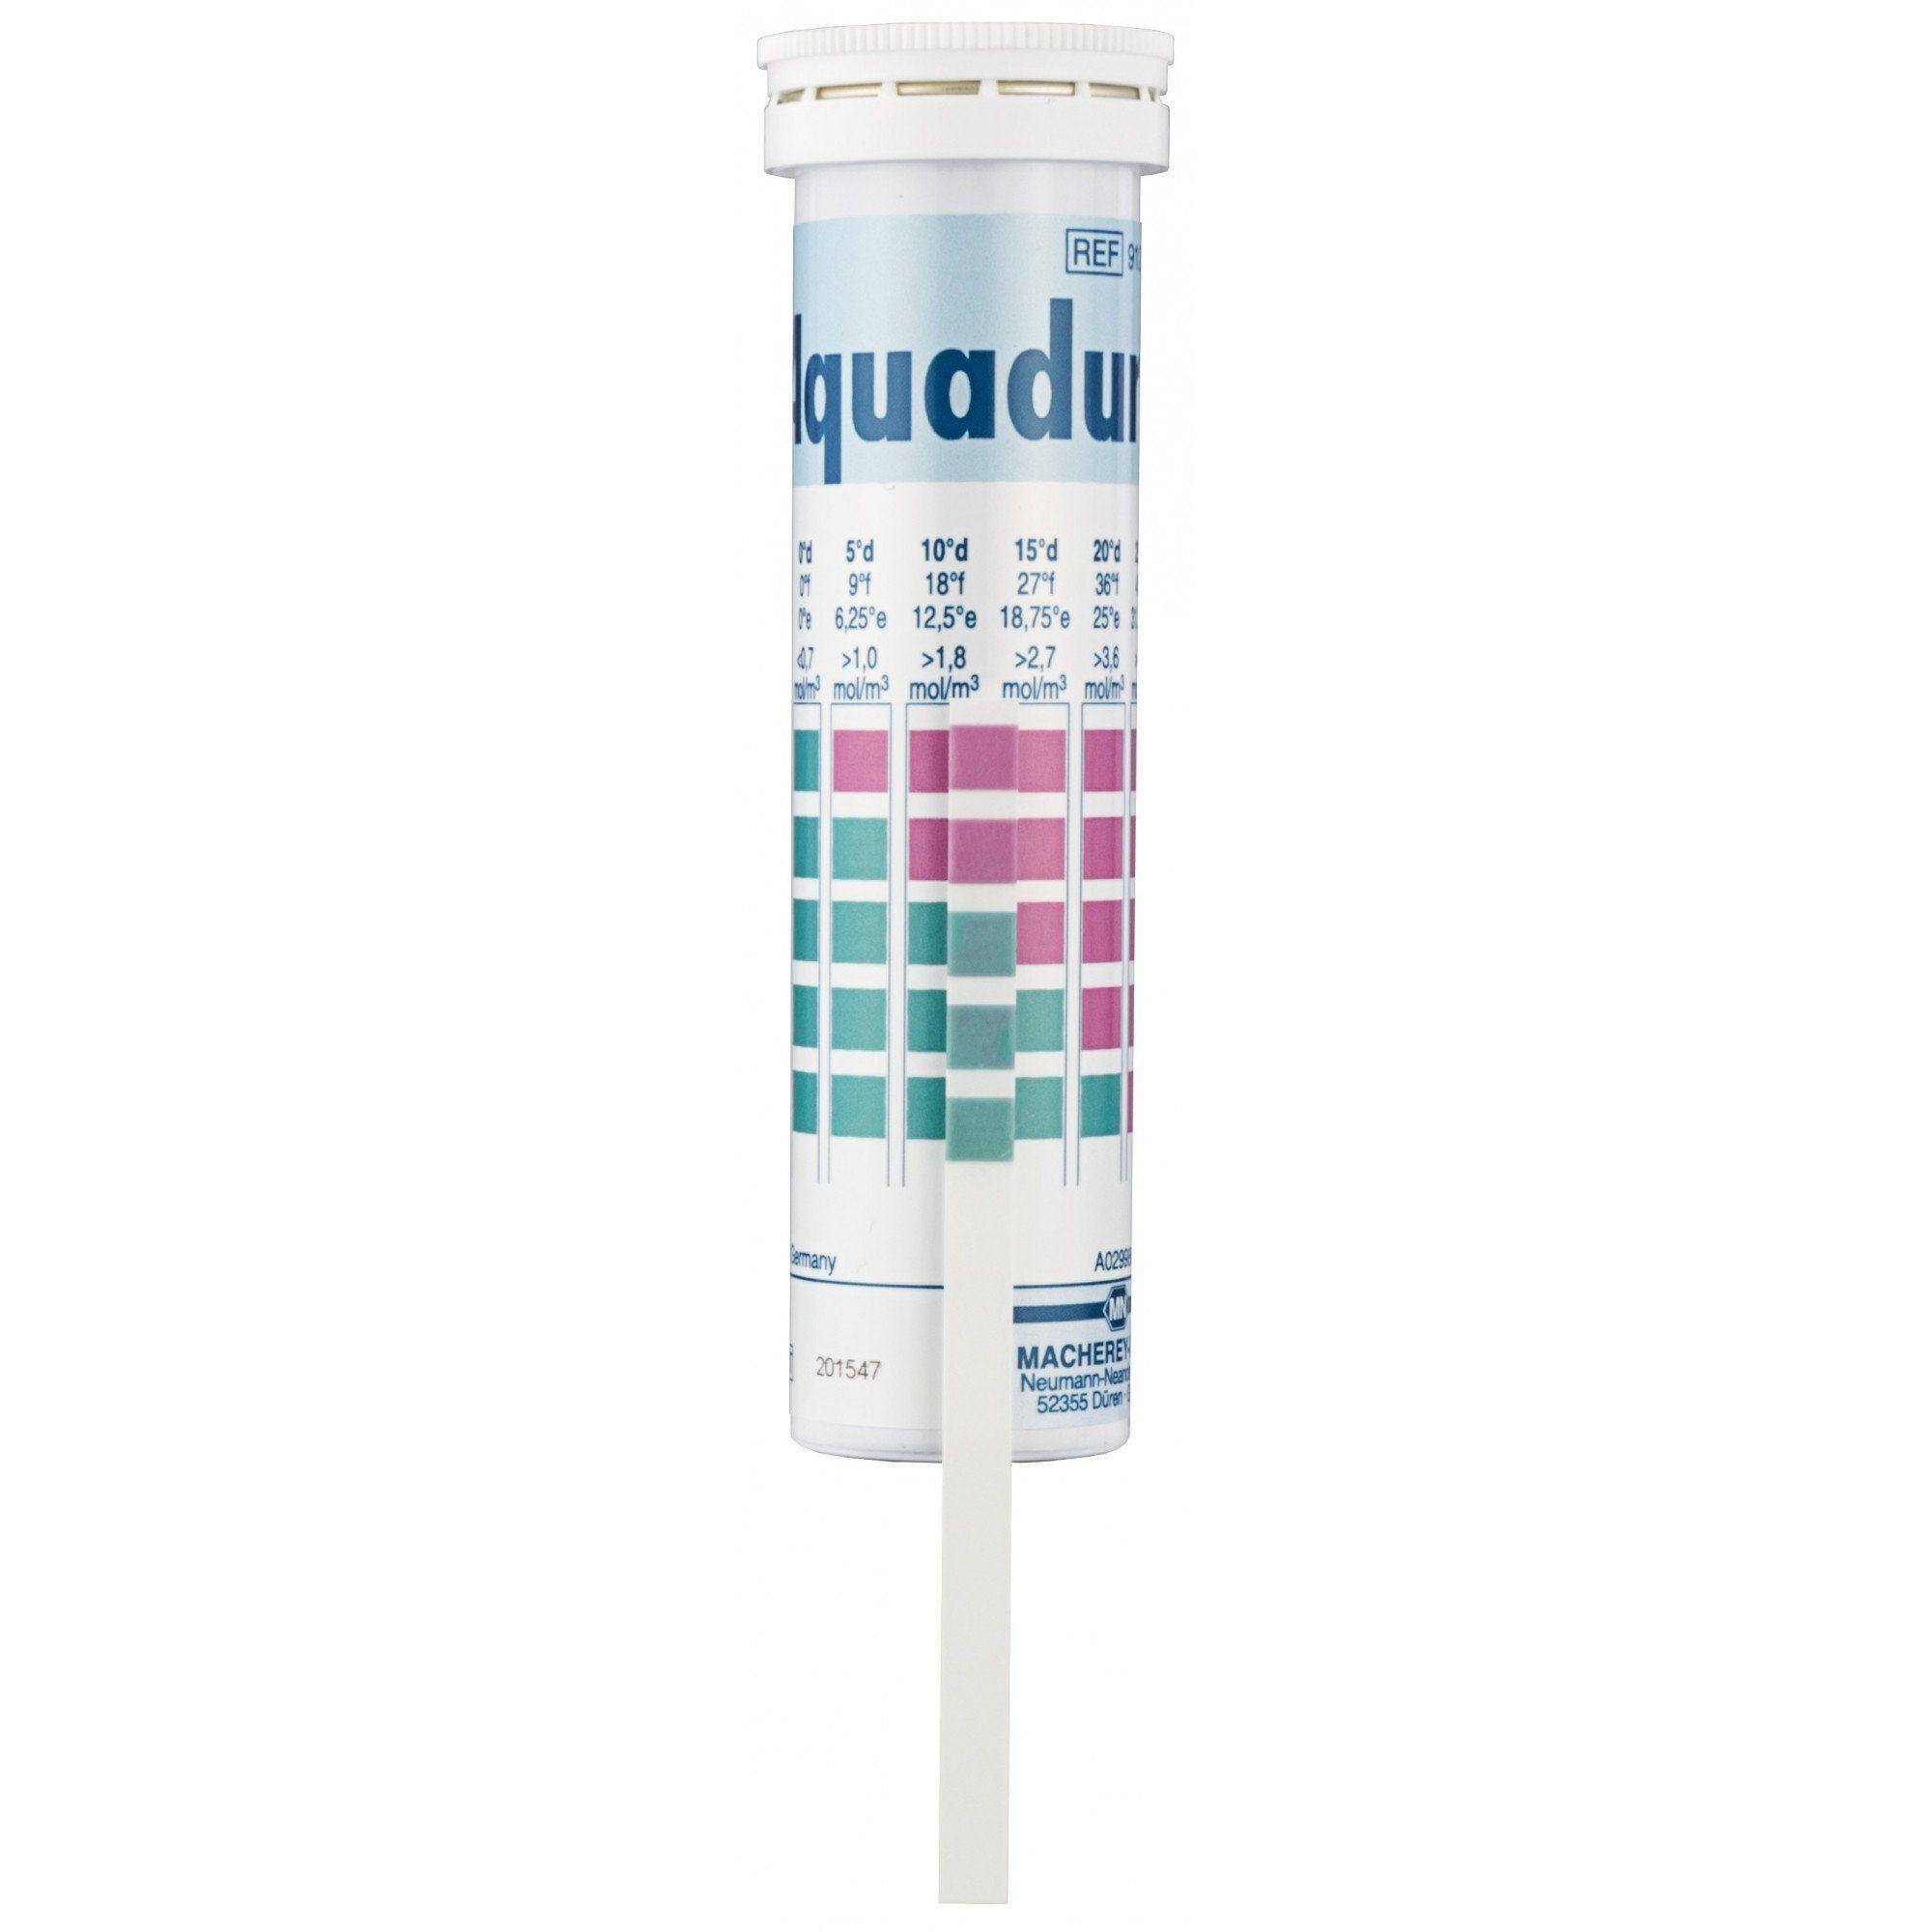 AQUADUR - DUREZA DE AGUA 0-1,1 D EM TIRAS